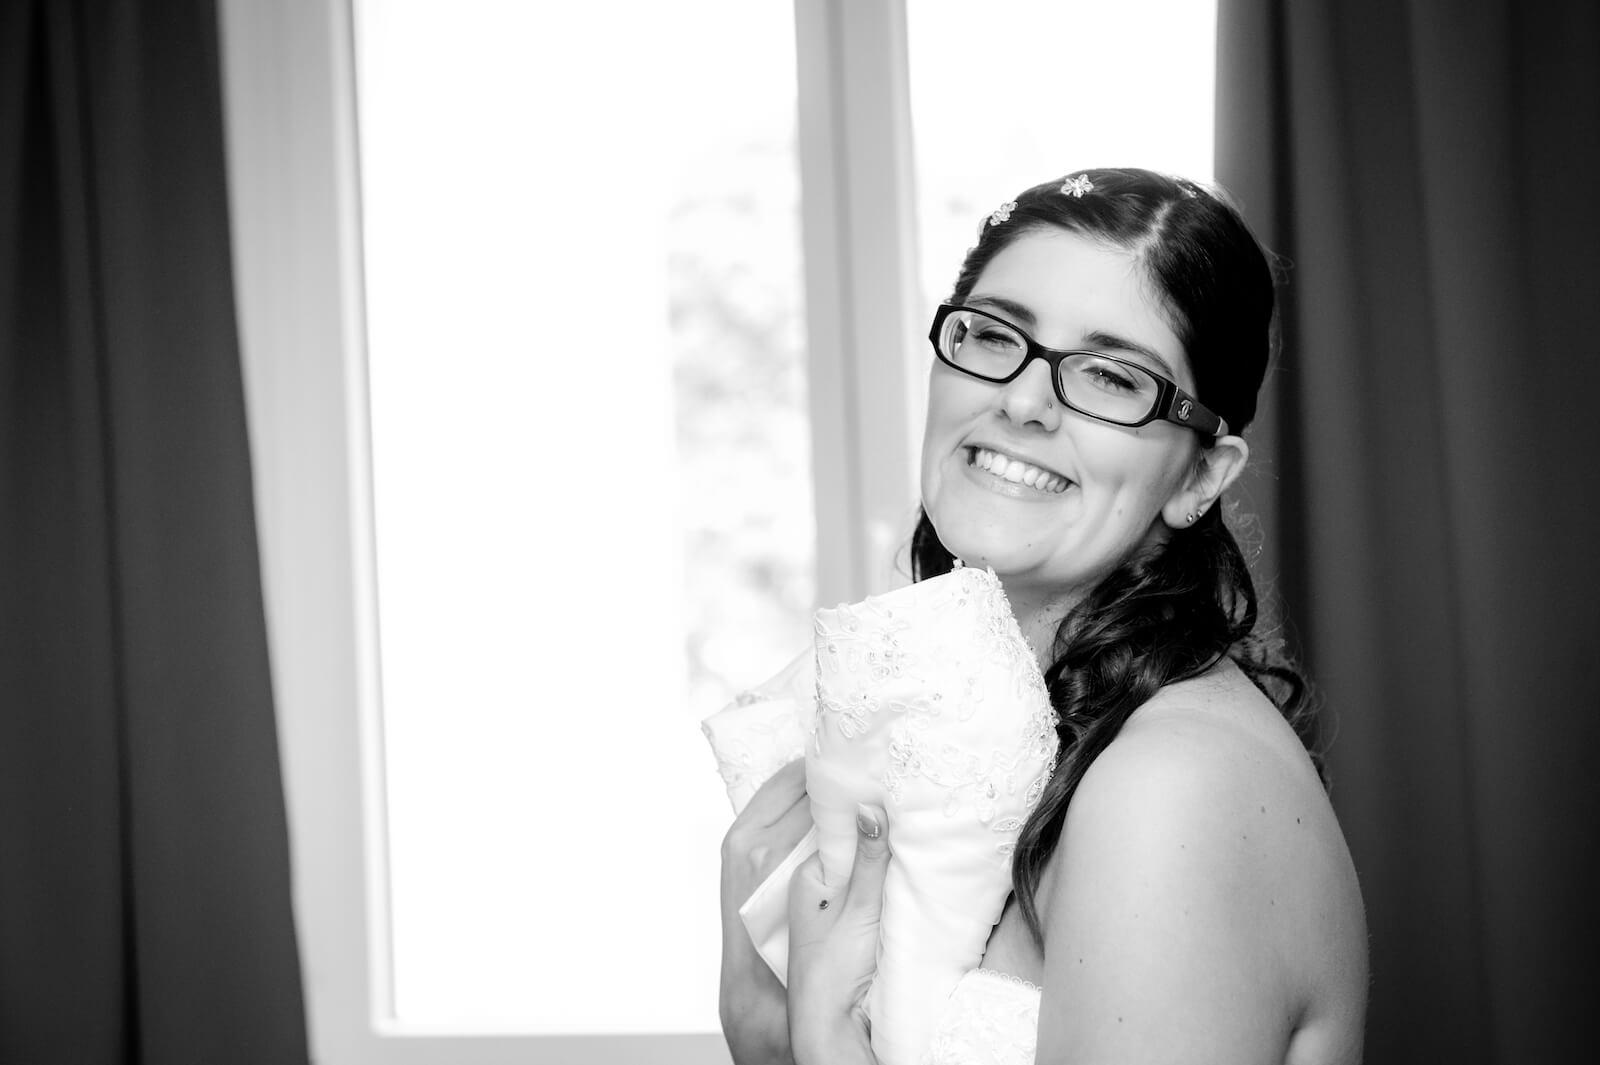 kirchliche Trauung in Landsberg - Braut freut sich während dem Anziehen des Brautkleides